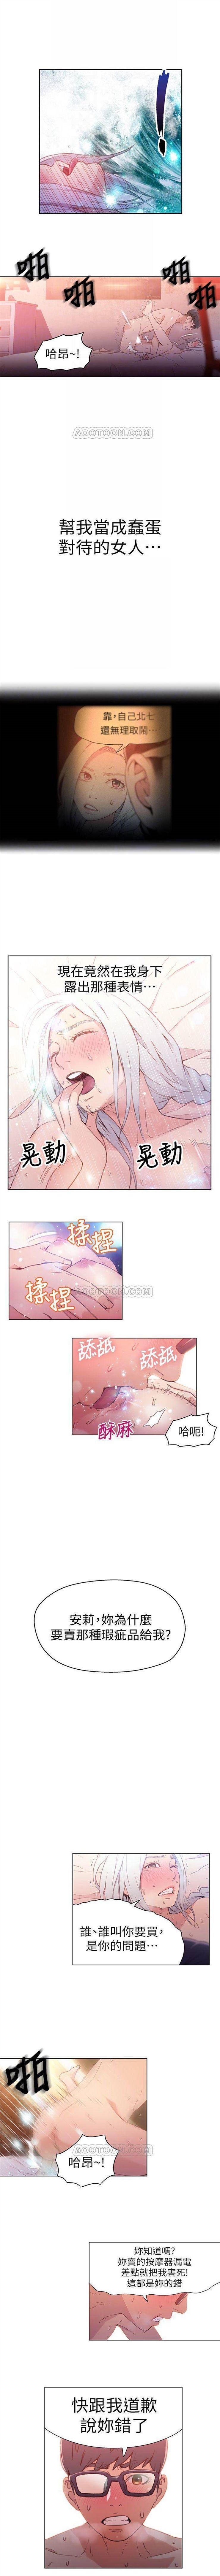 (周7)超导体鲁蛇(超级吸引力) 1-17 中文翻译(更新中) 56